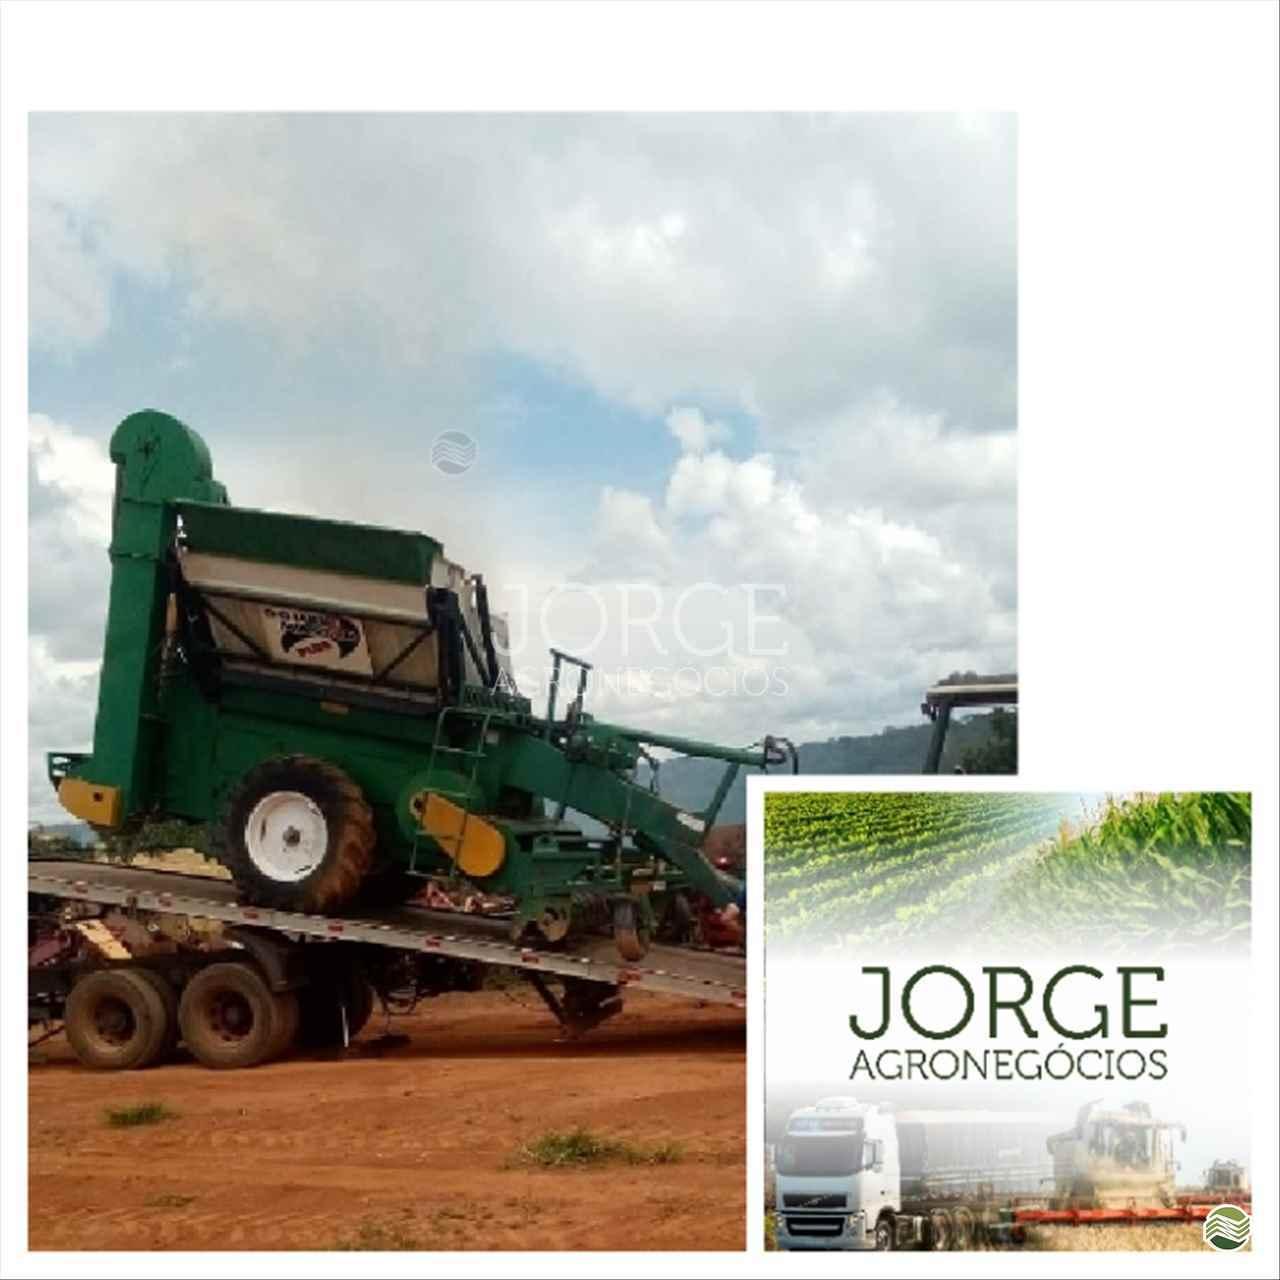 IMPLEMENTOS AGRICOLAS EMBUTIDORA EMBUTIDORA DE GRÃOS Jorge Agronegócios NOVA PONTE MINAS GERAIS MG